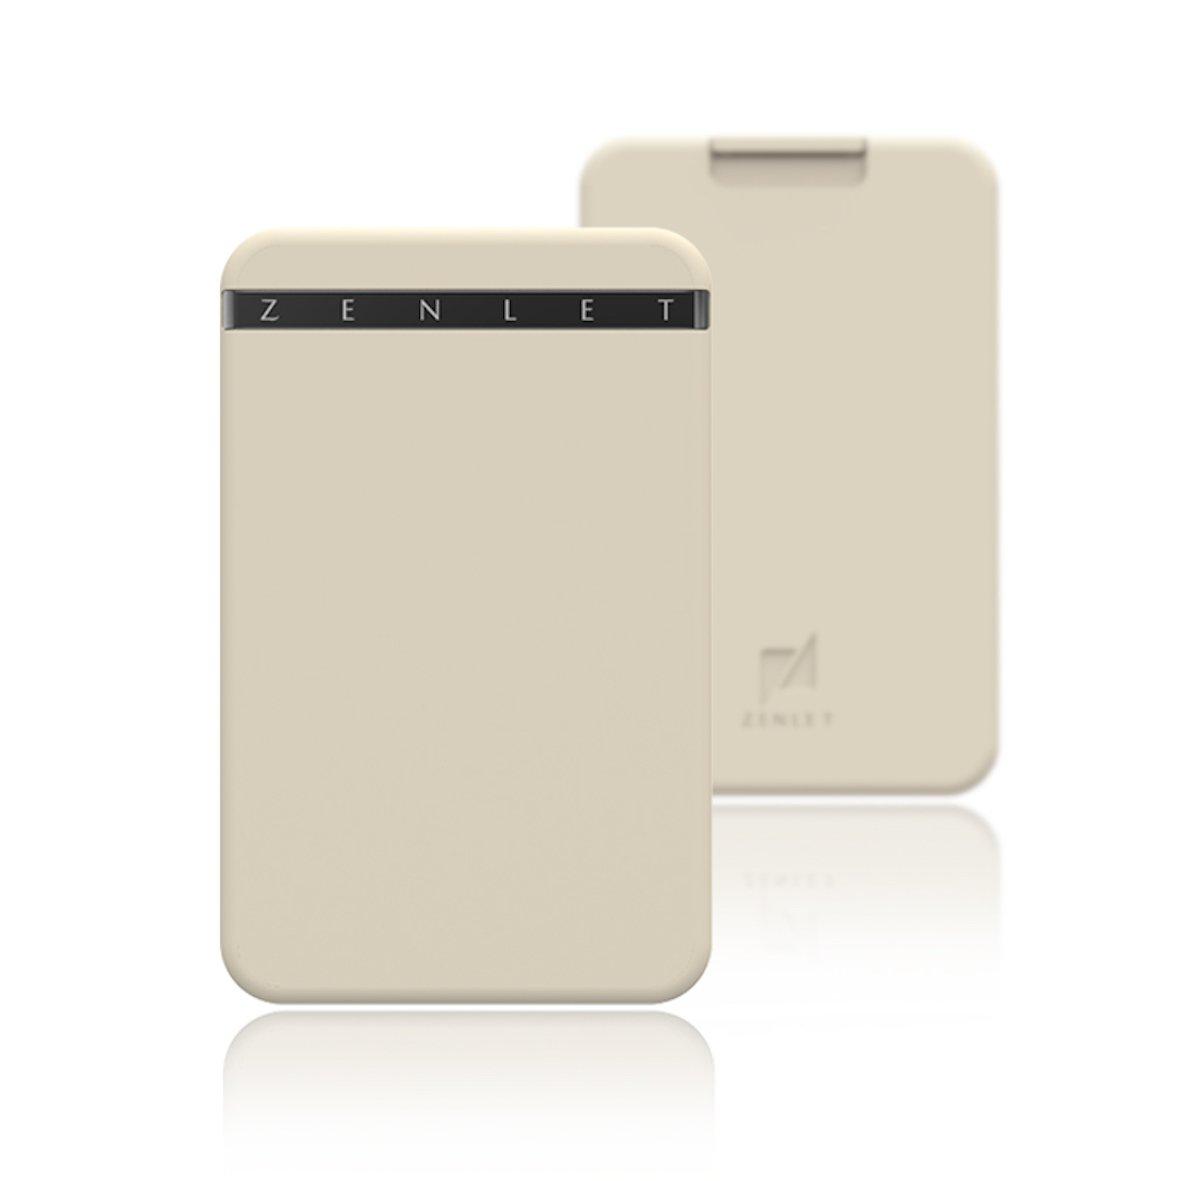 Zenletミニマリストカードウォレット 小さい財布 グッドデザイン賞 B06Y5KLBK6 バニラ バニラ